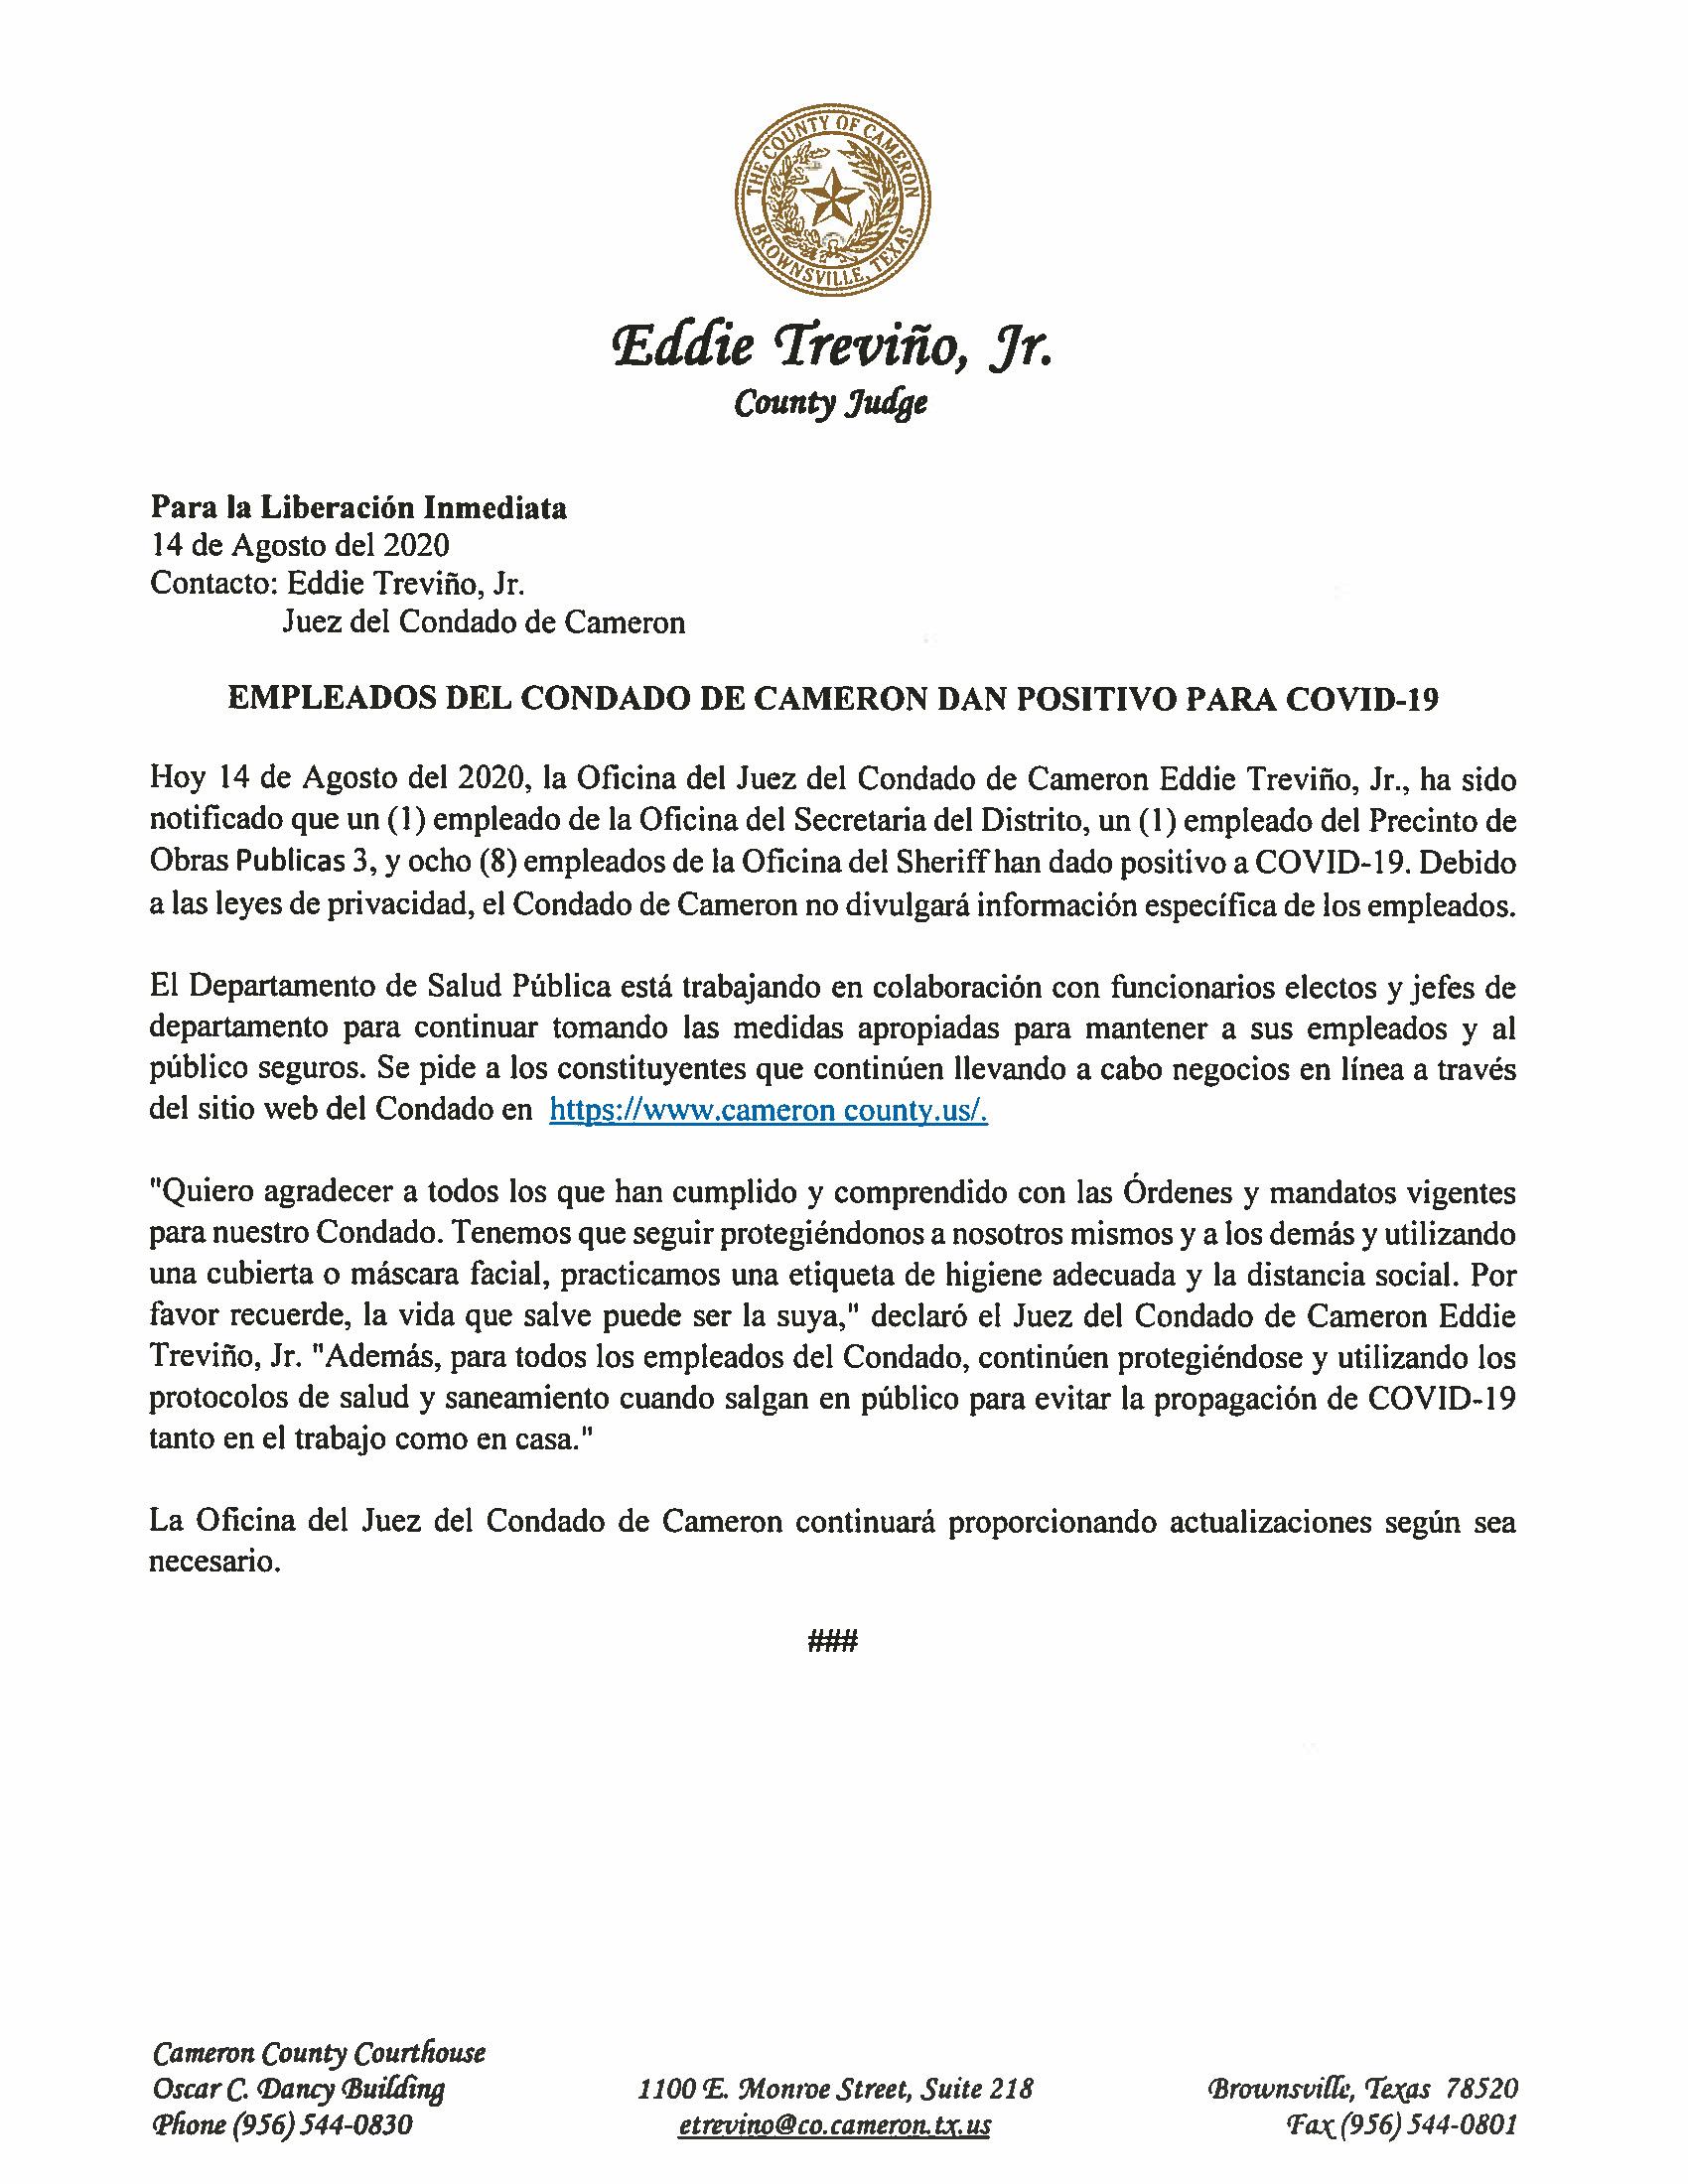 08.14.2020 Empleados Del Condado De Cameron Dan Positivo Para COVID 19